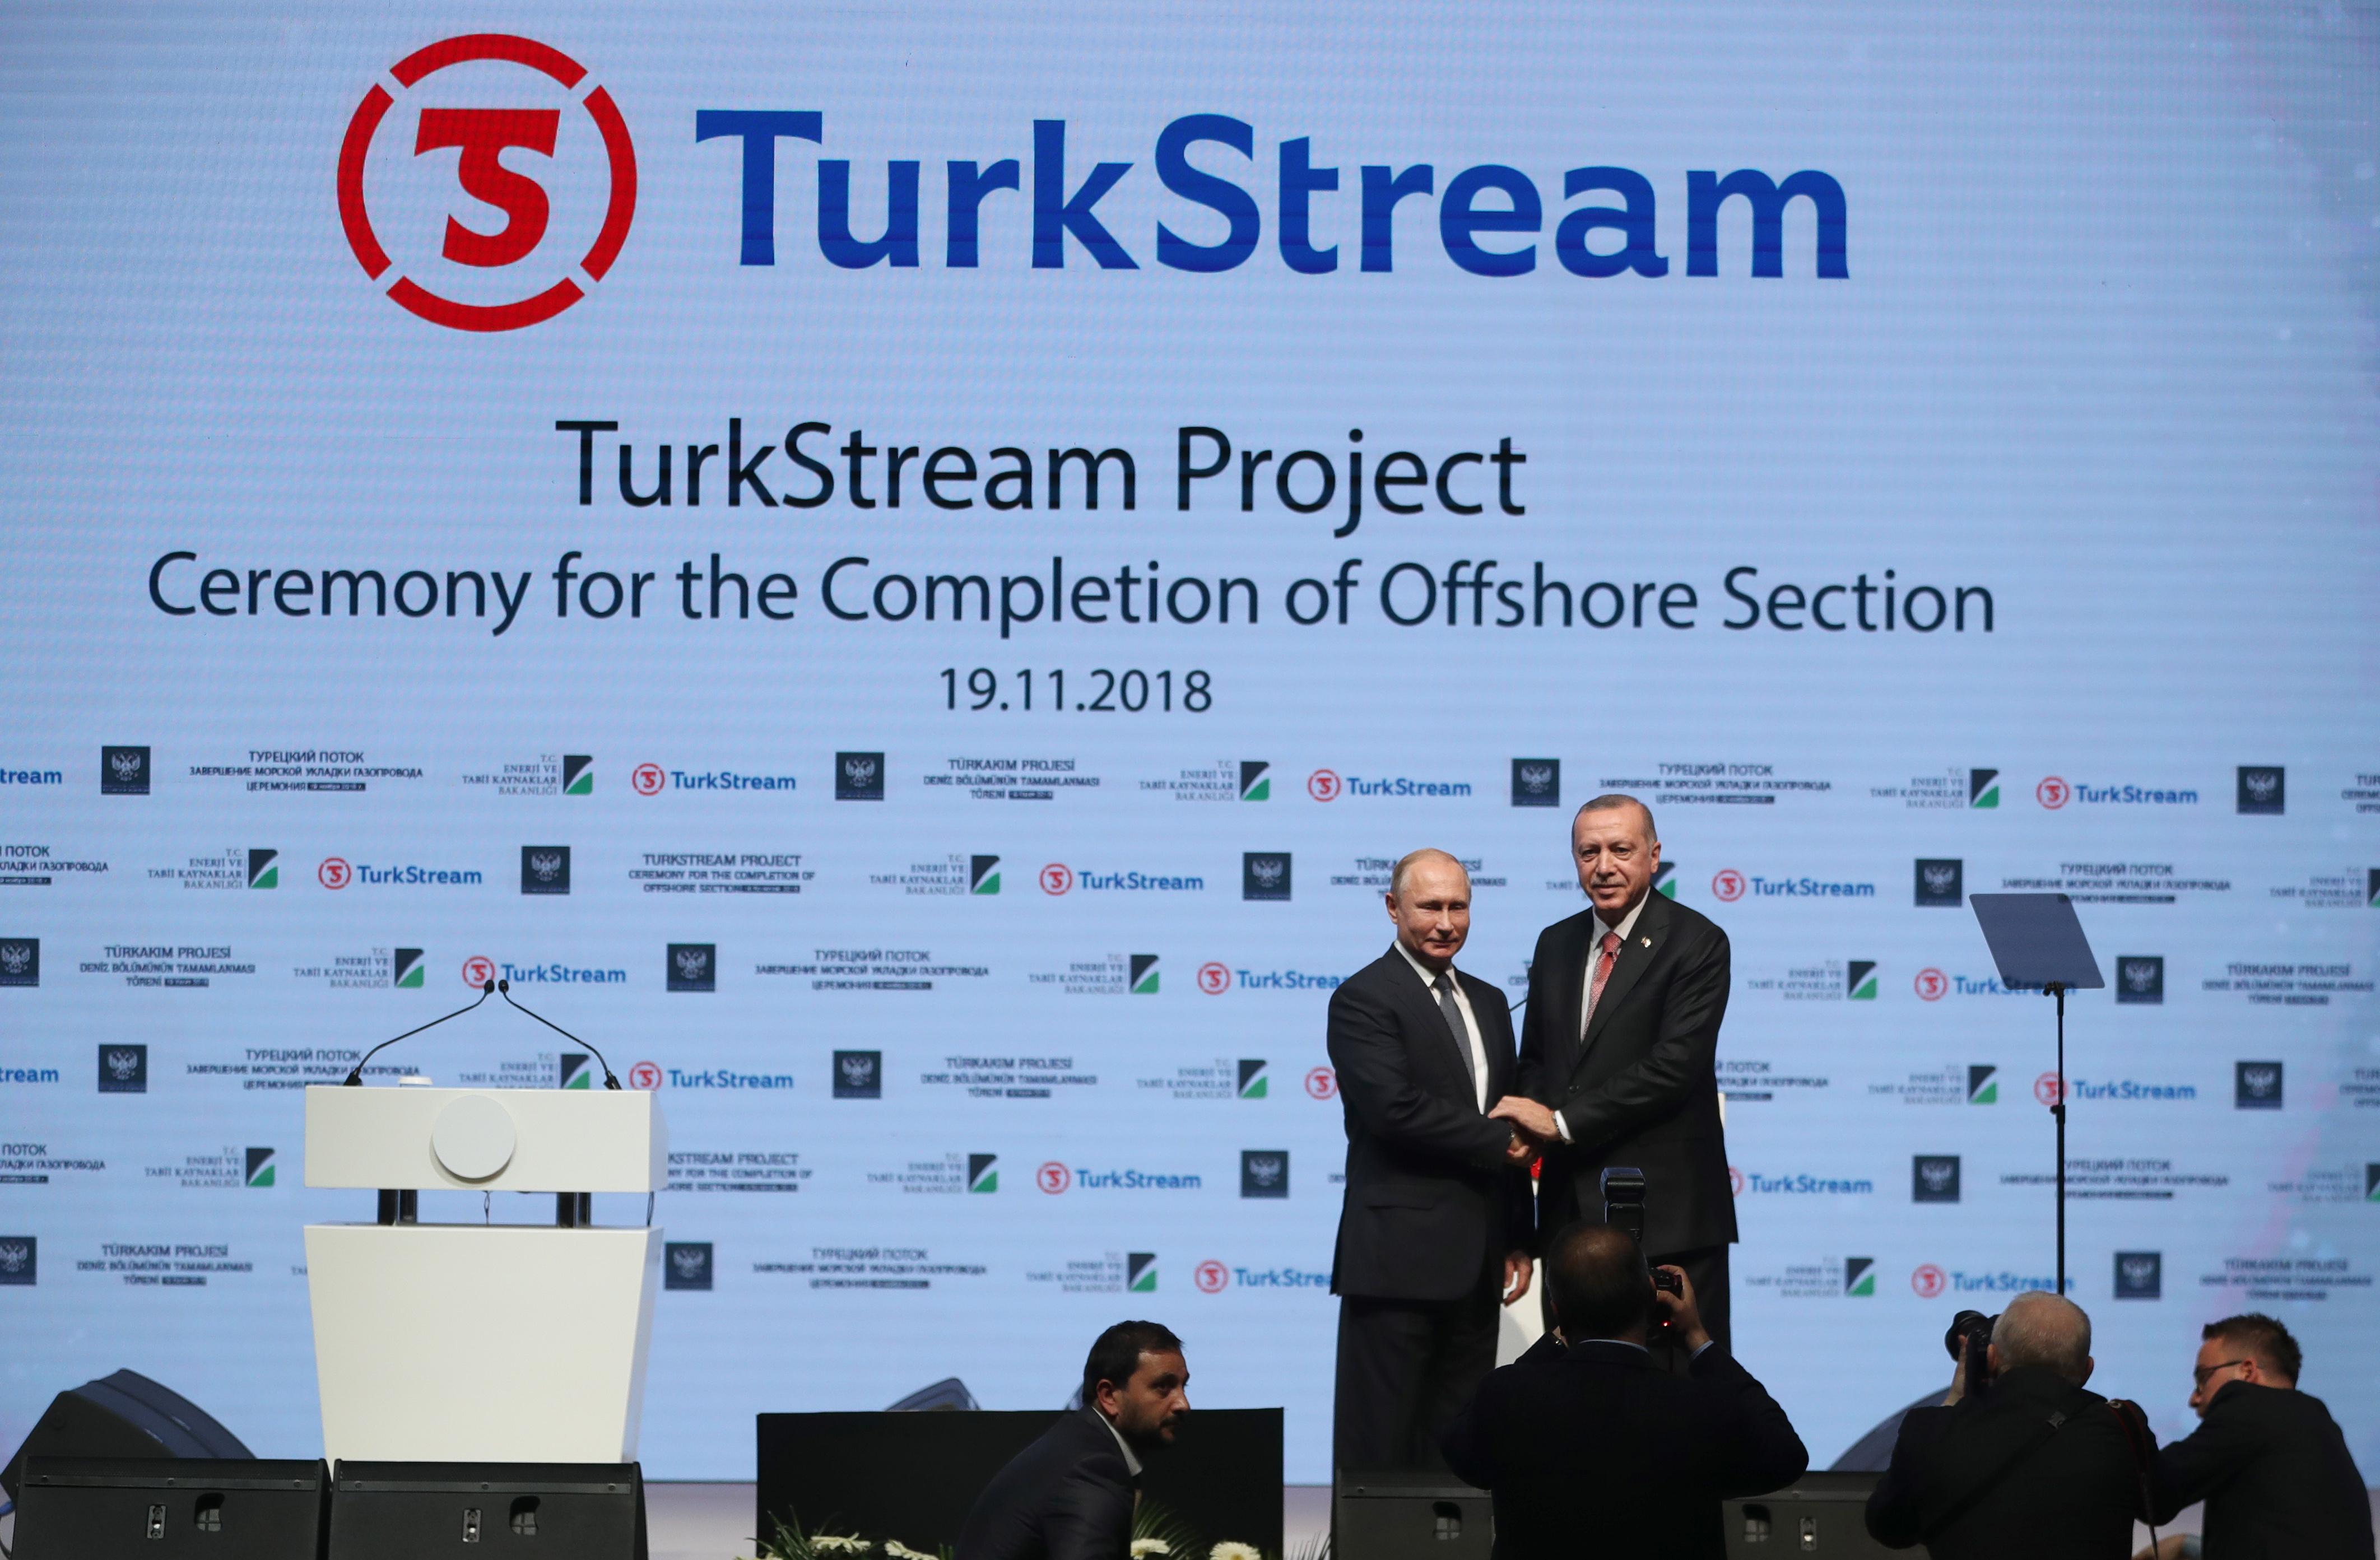 Президентите Ердоган и Путин присъстваха на церемония за завършване на строителството на морския участък на газопровода, по който ще се транспортира 31,5 милиарда куб. м. газ годишно за Турция и Европа